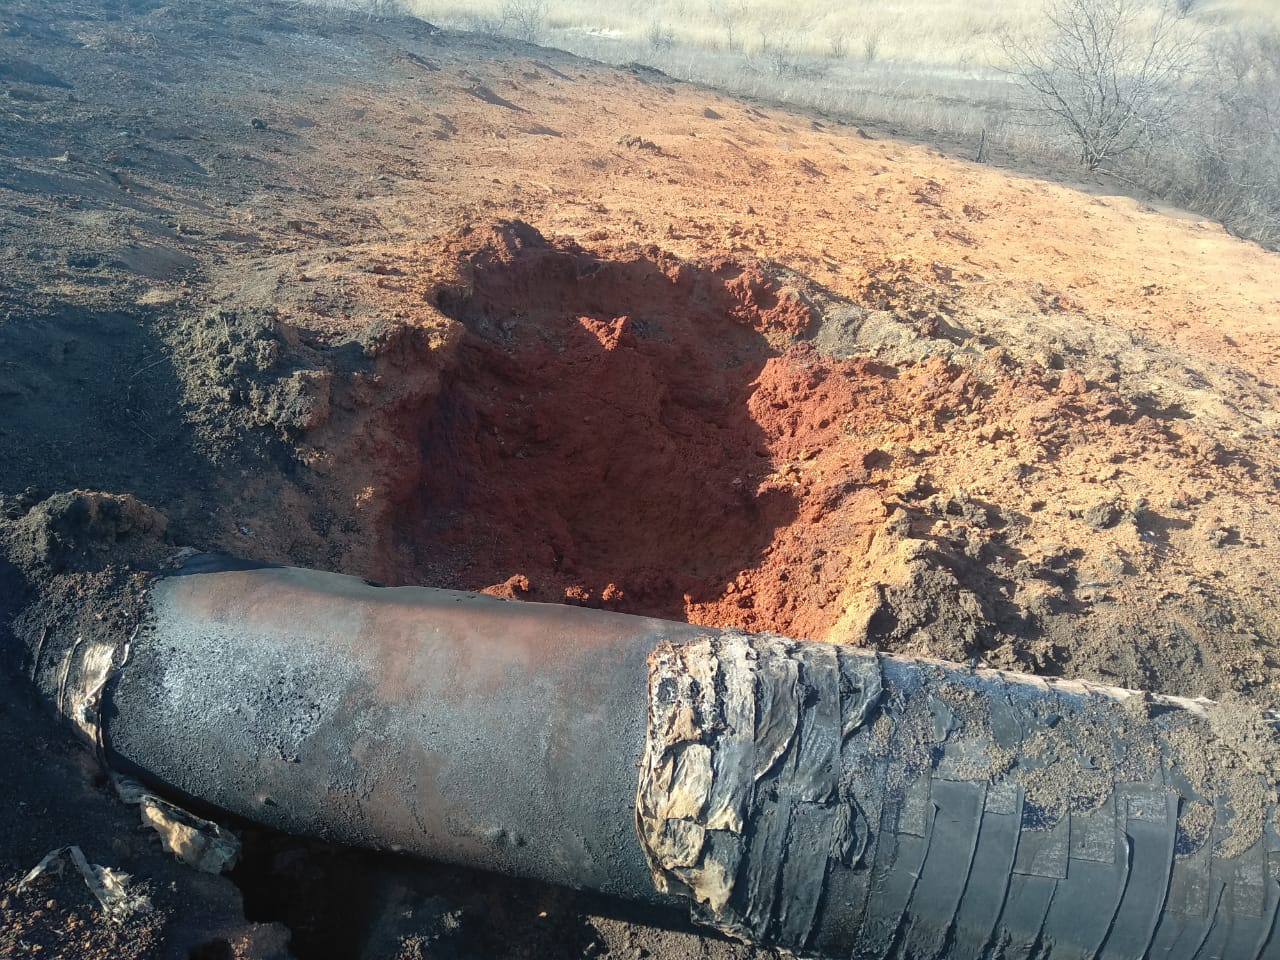 Огненный факел высотой несколько метров. В Донецкой области обстрелом поврежден газопровод